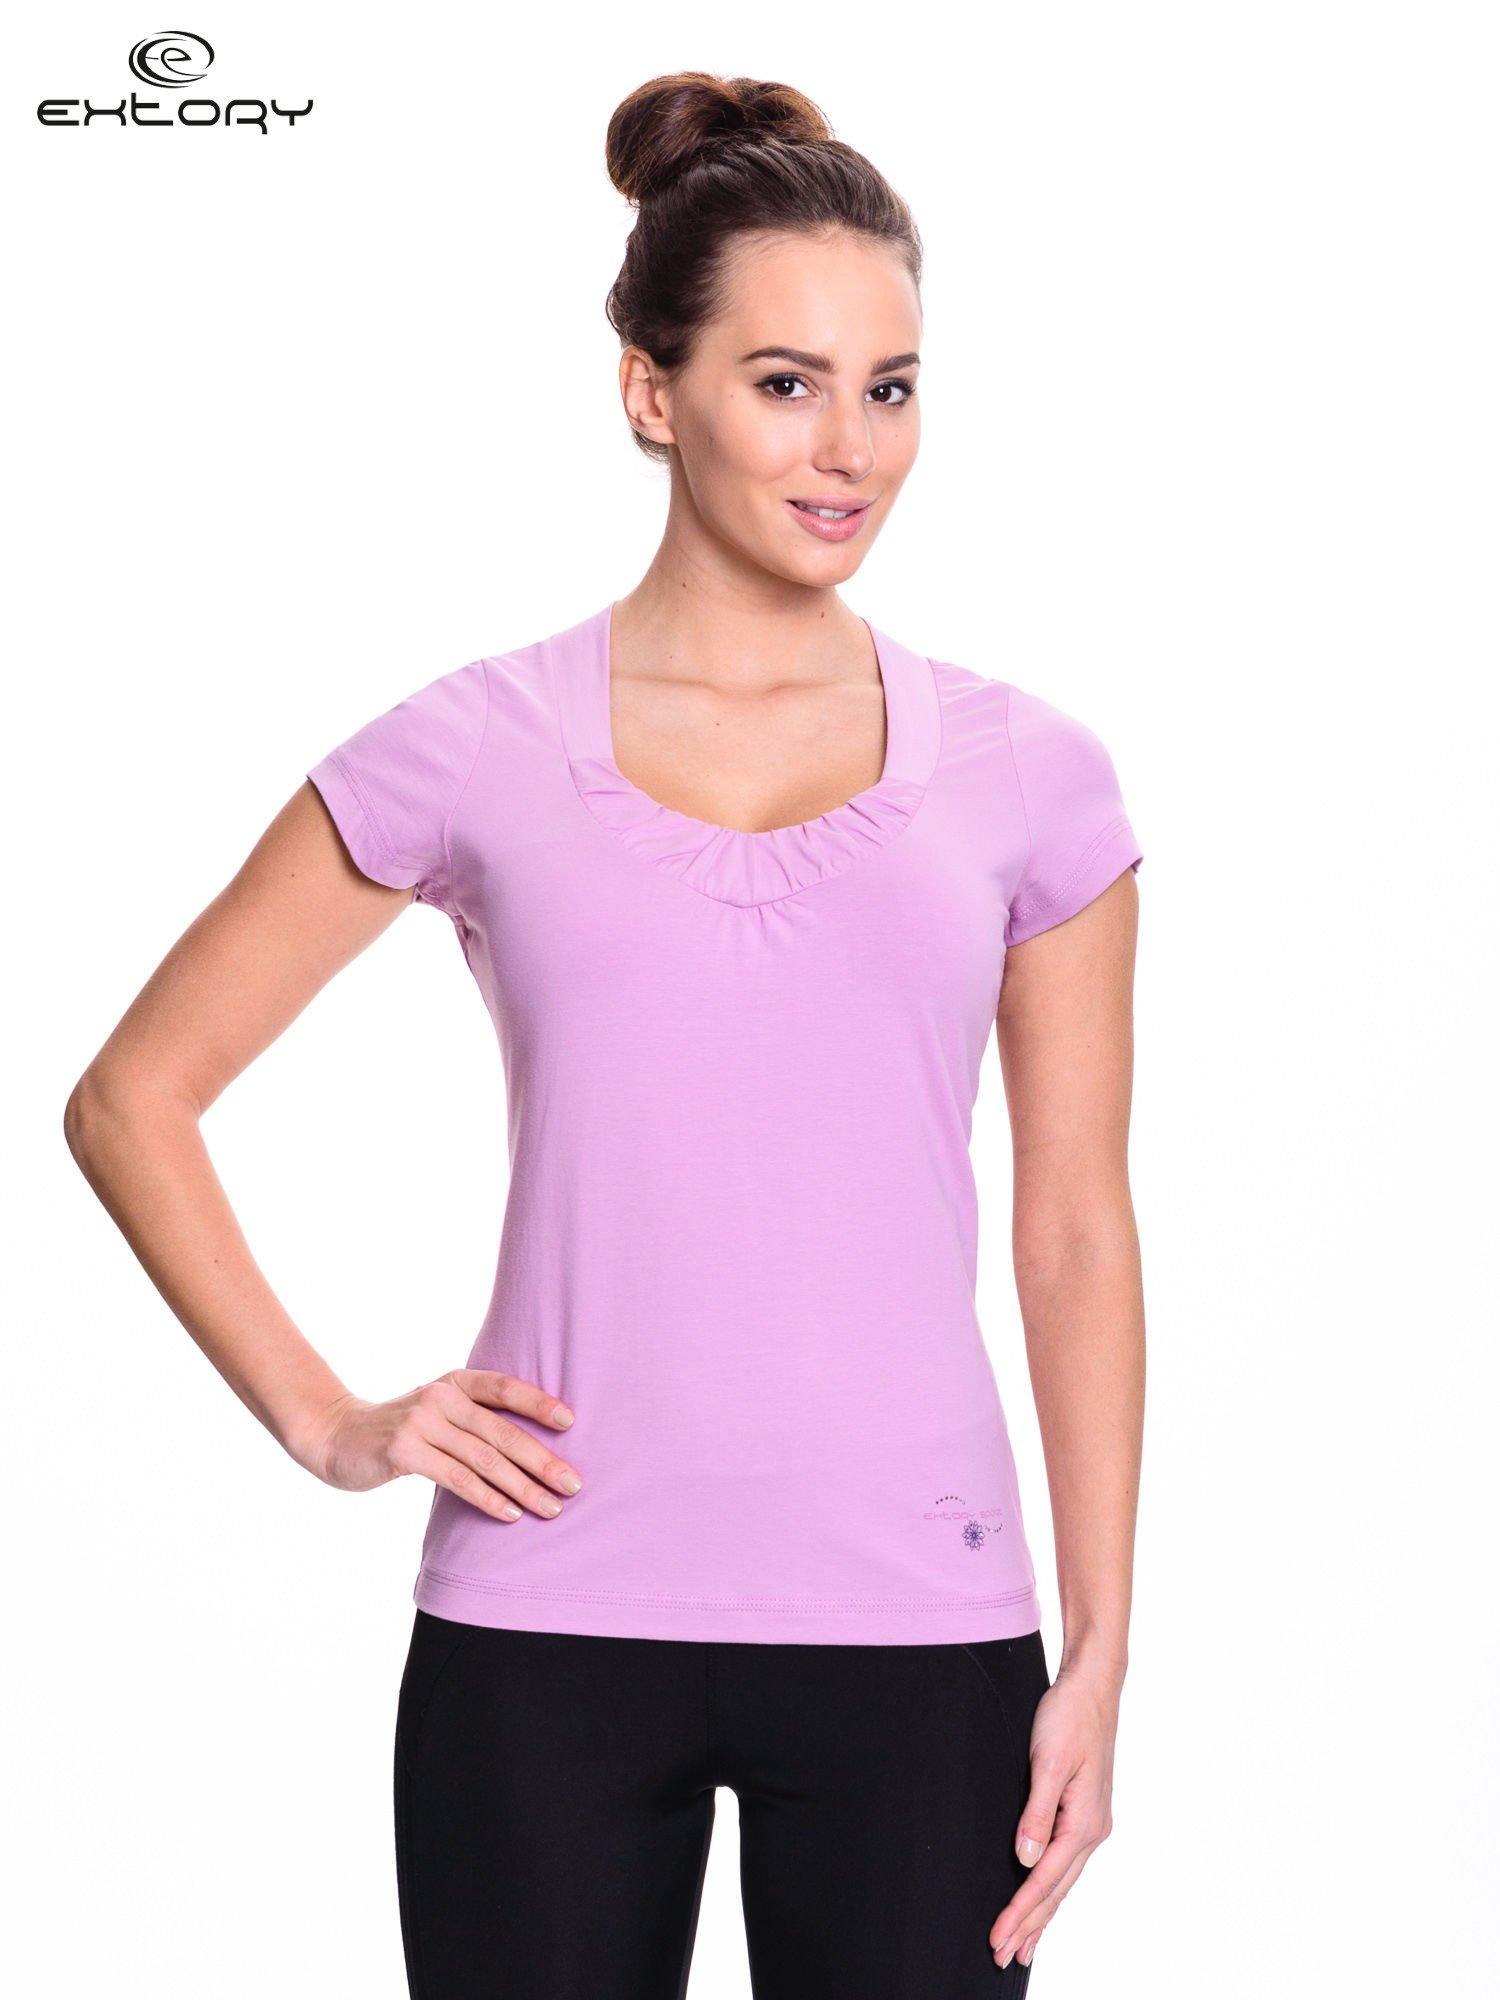 Jasnofioletowy damski t-shirt sportowy z marszczonym dekoltem                                  zdj.                                  1